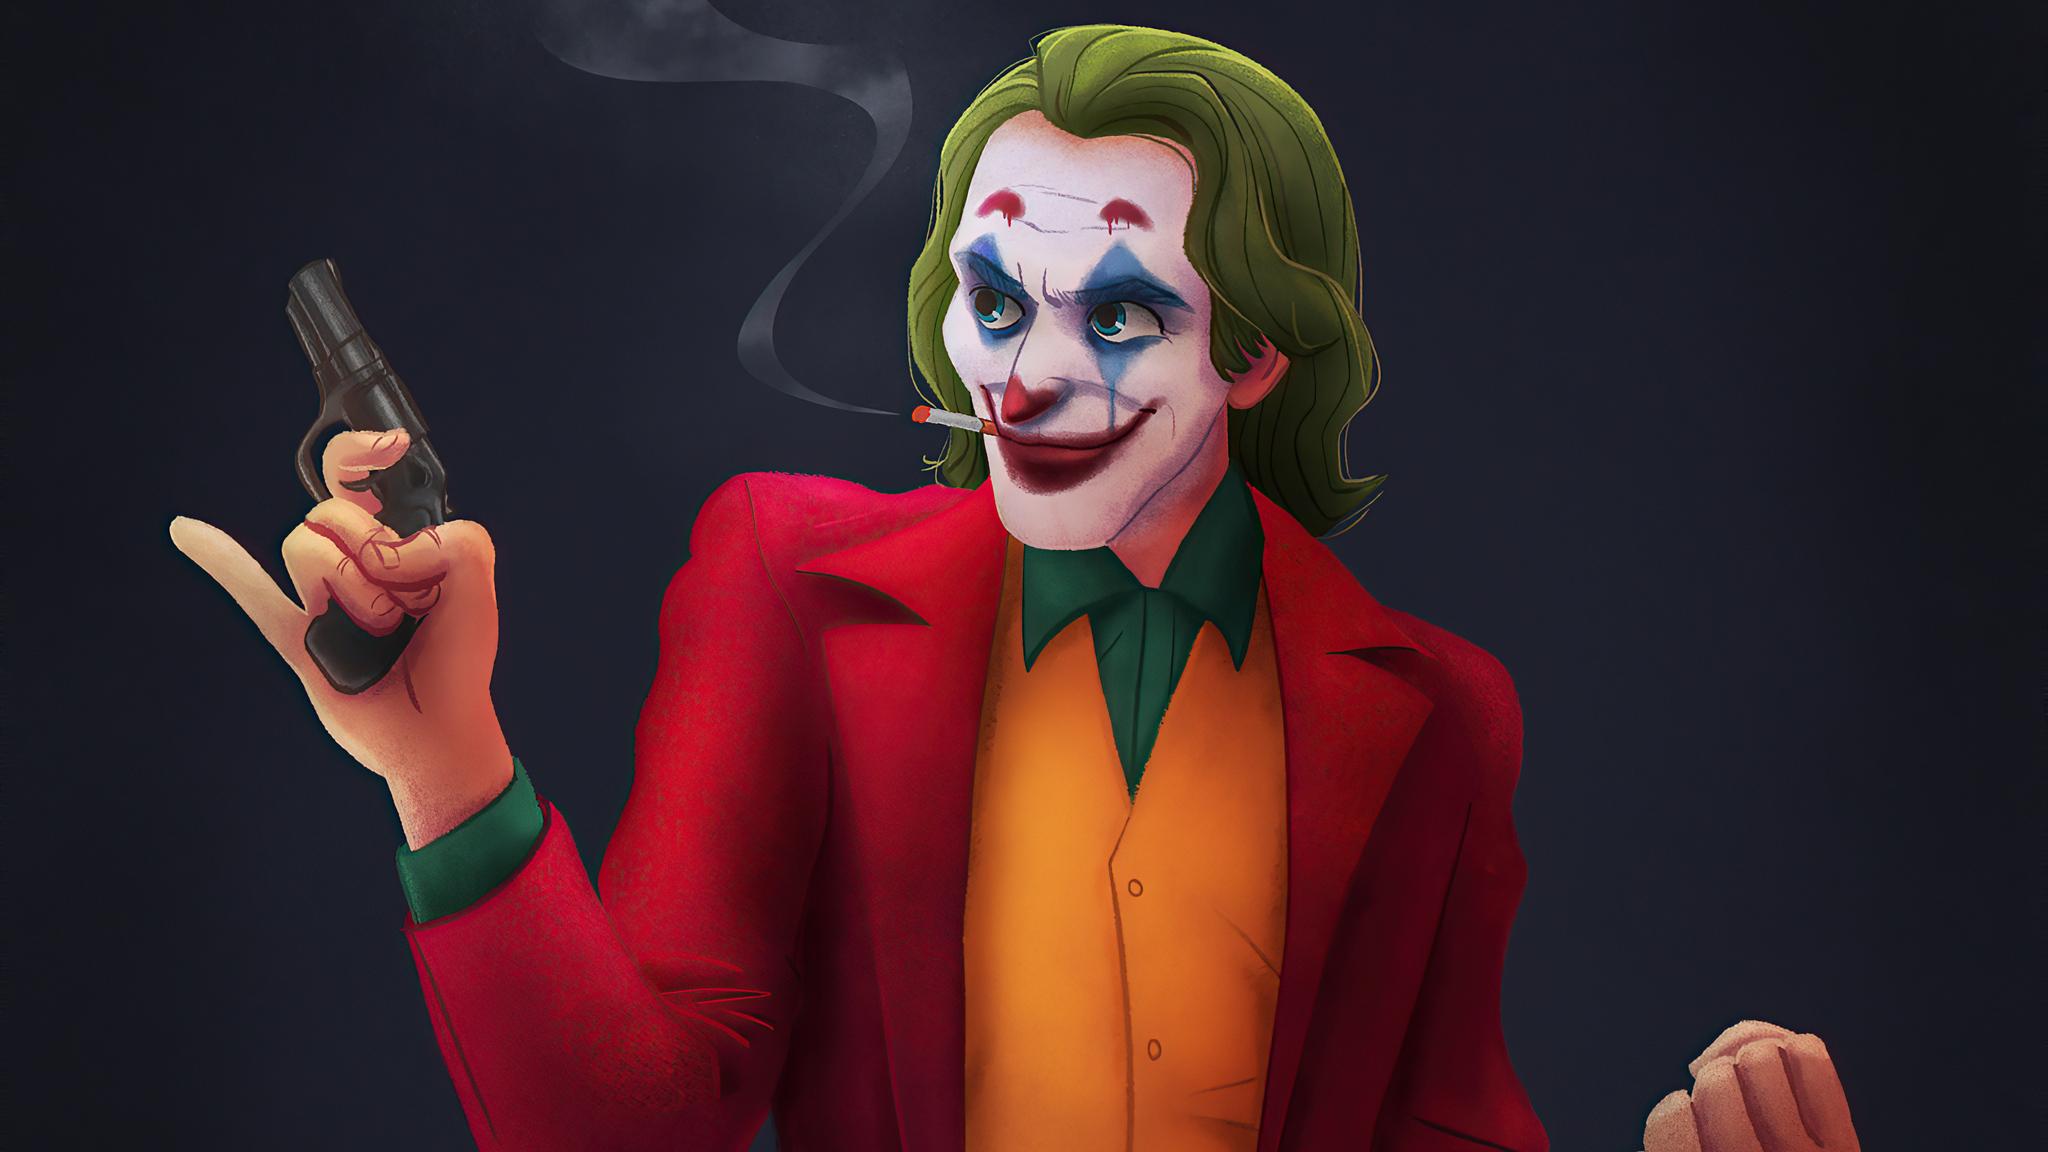 joker-gun-up-jg.jpg